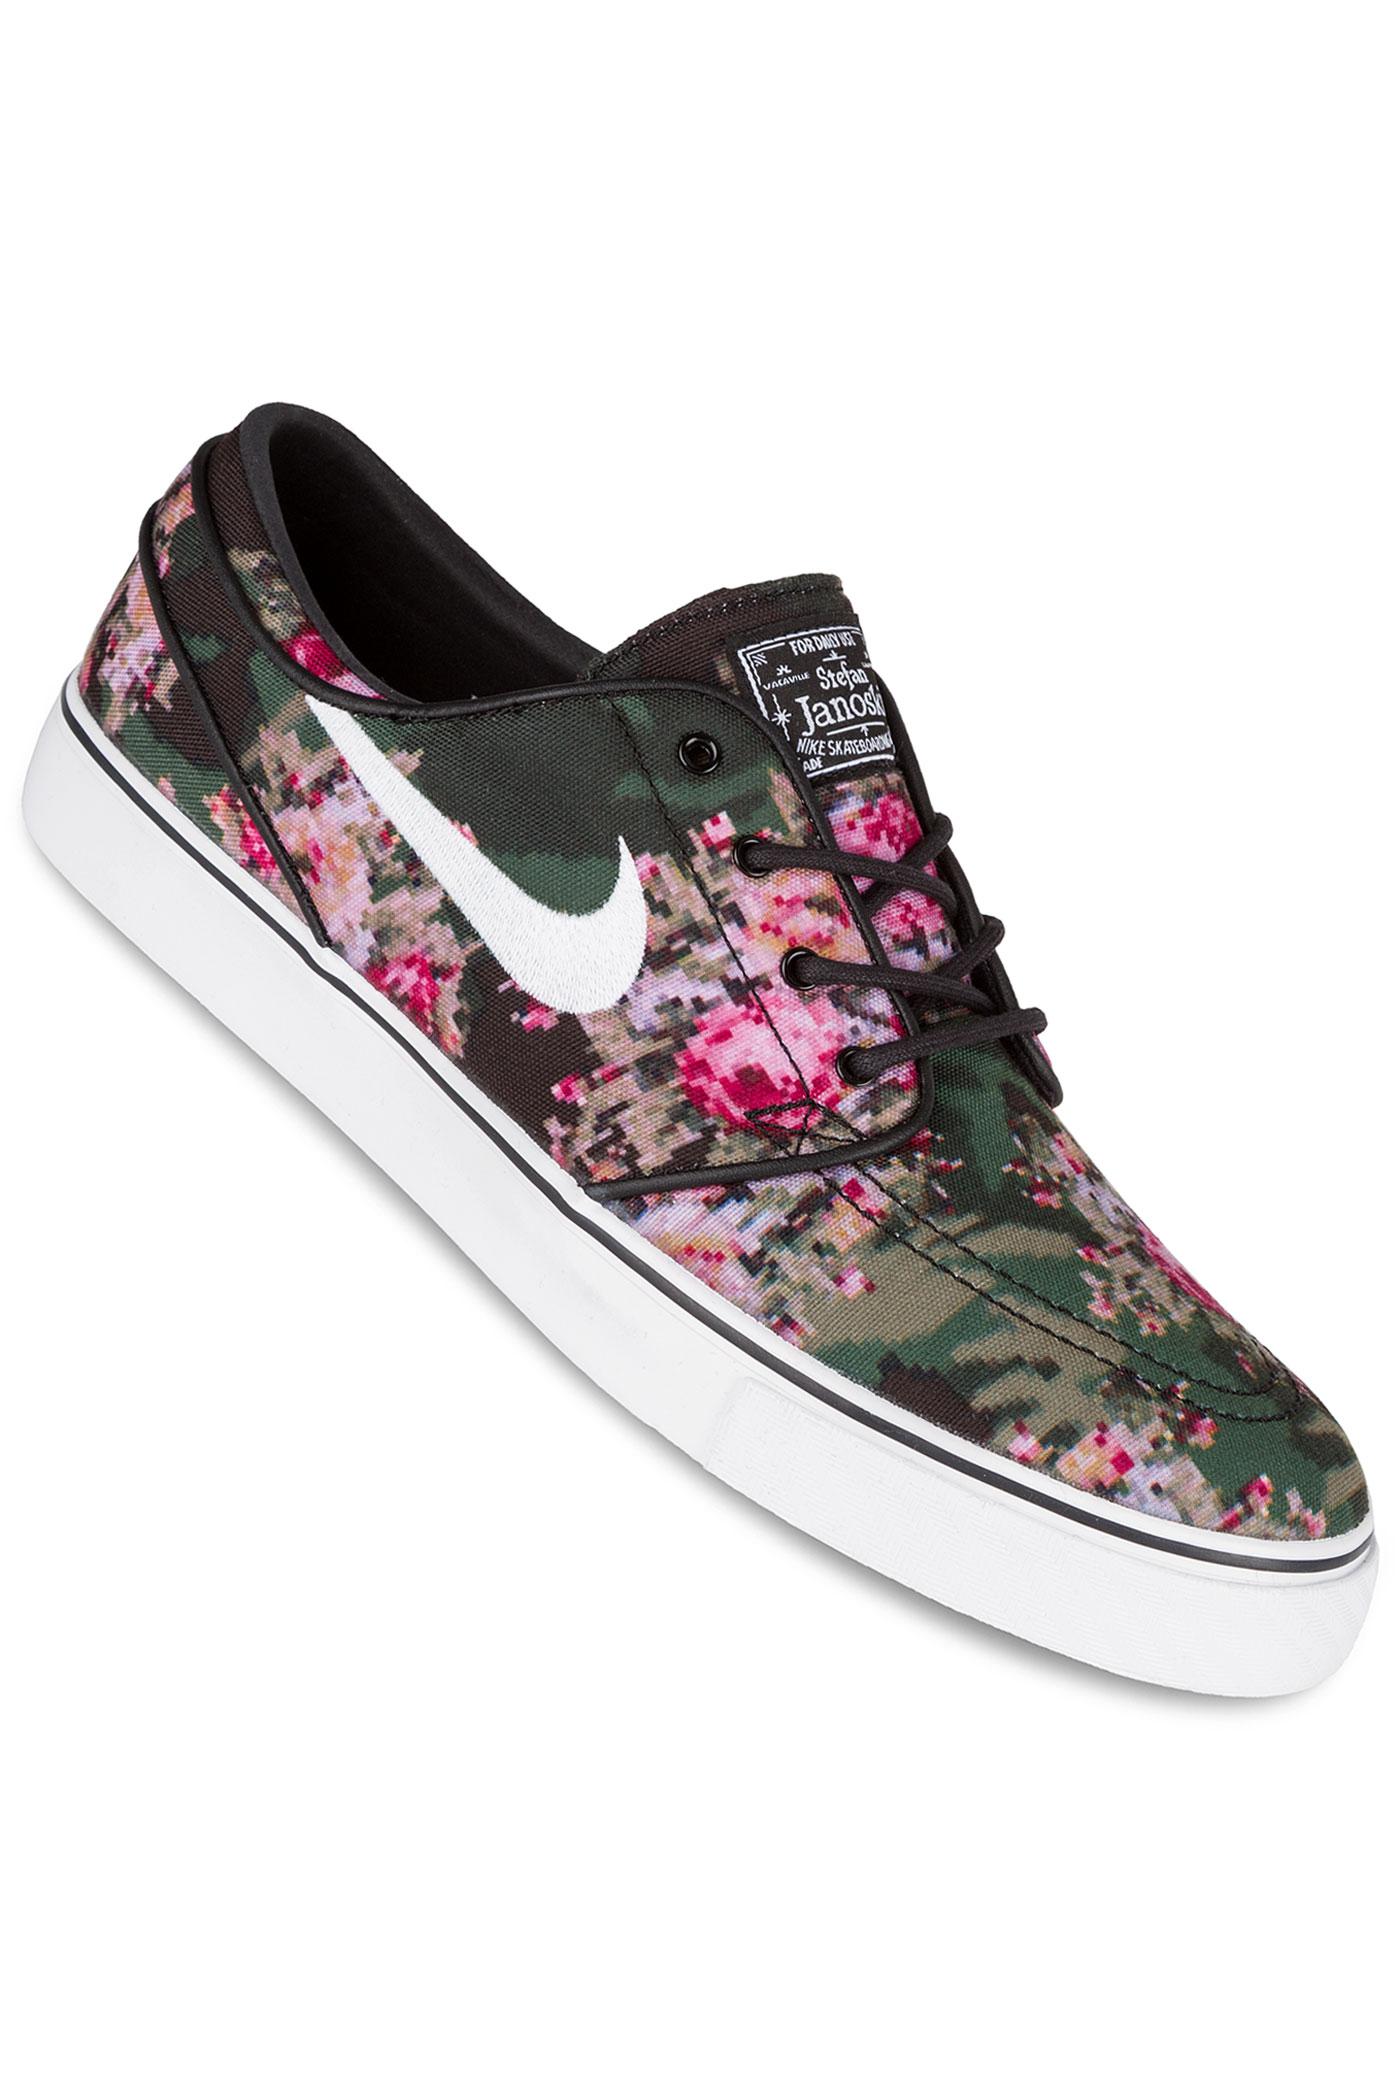 Nike Stefan Janoski Floral España